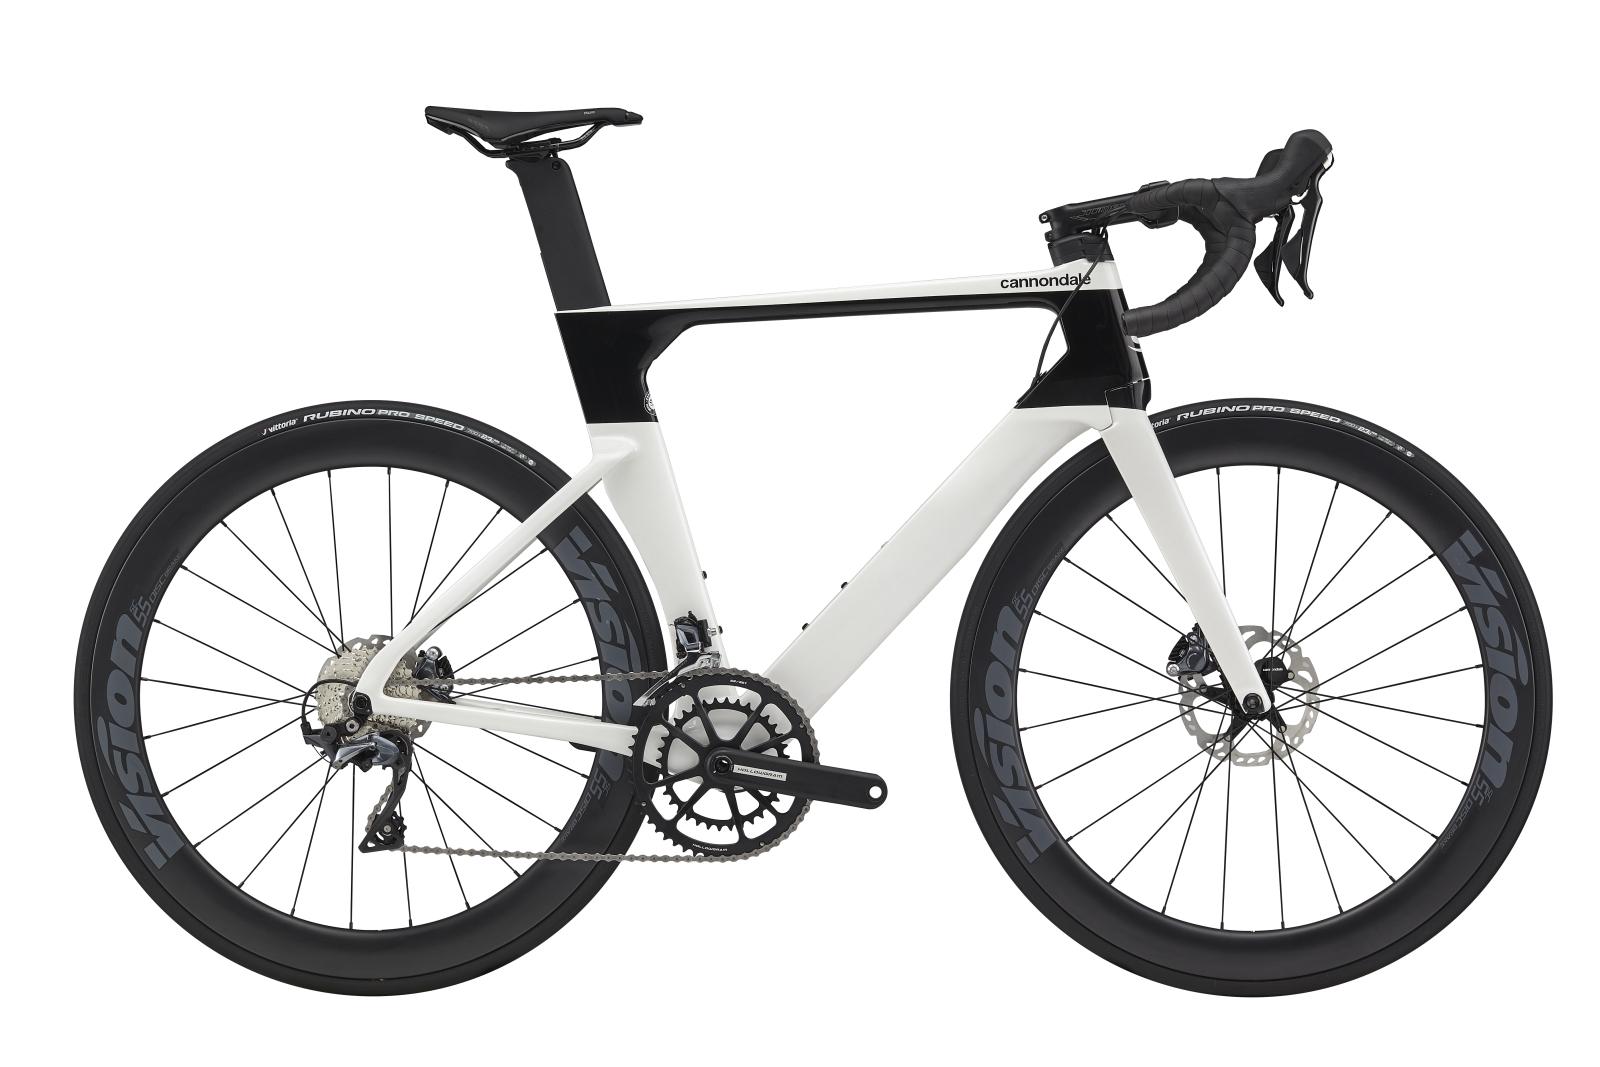 Cannondale System Six Carbon Ultegra országúti kerékpár - fehér - 56 cm (2020)